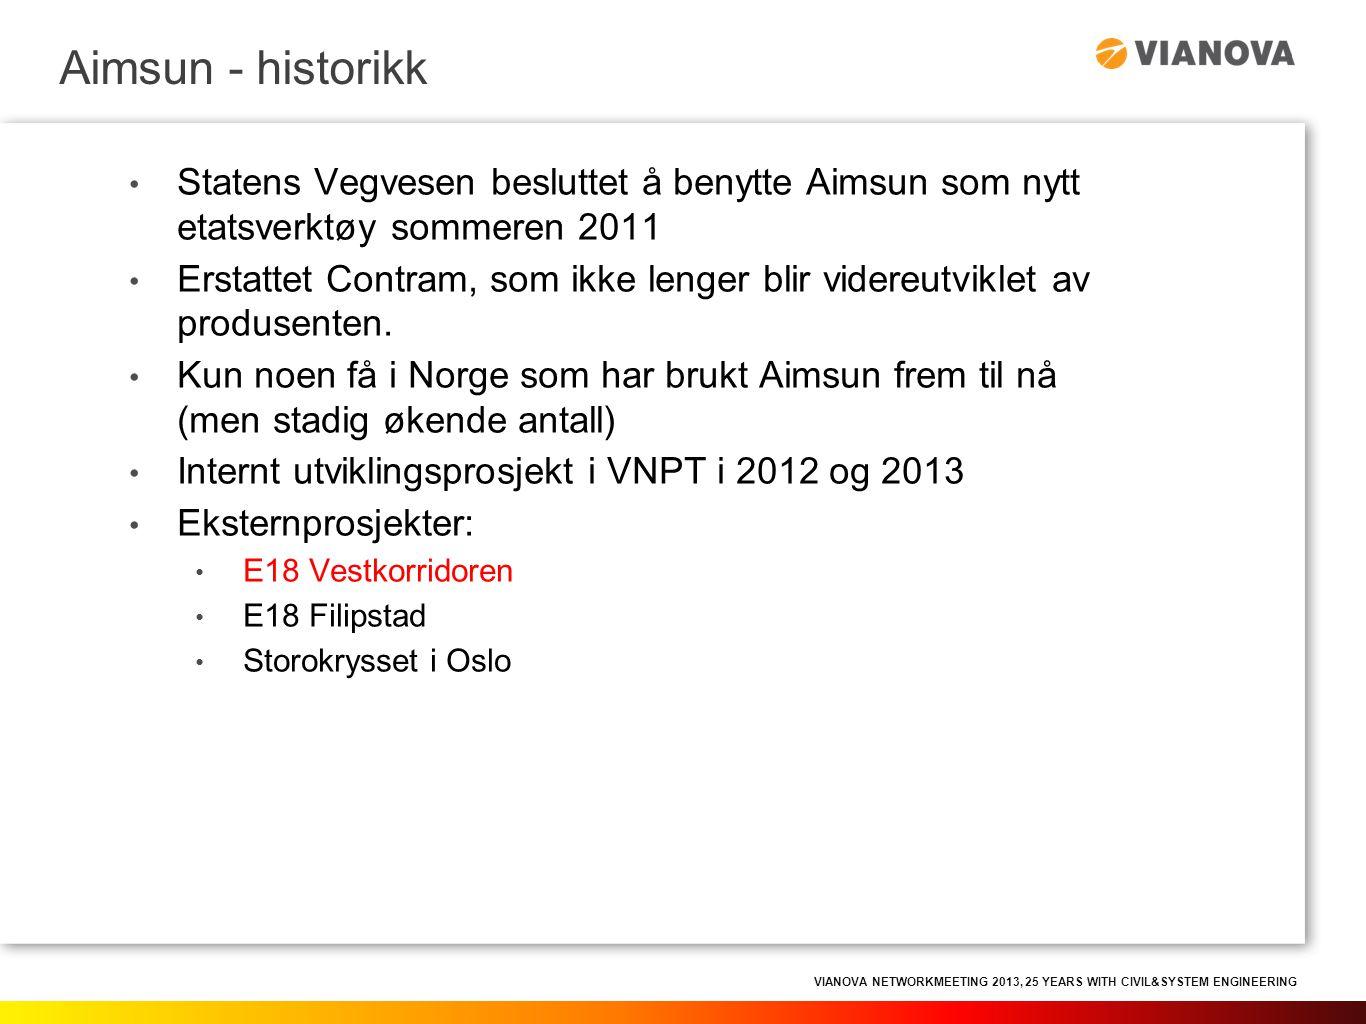 VIANOVA NETWORKMEETING 2013, 25 YEARS WITH CIVIL&SYSTEM ENGINEERING • Statens Vegvesen besluttet å benytte Aimsun som nytt etatsverktøy sommeren 2011